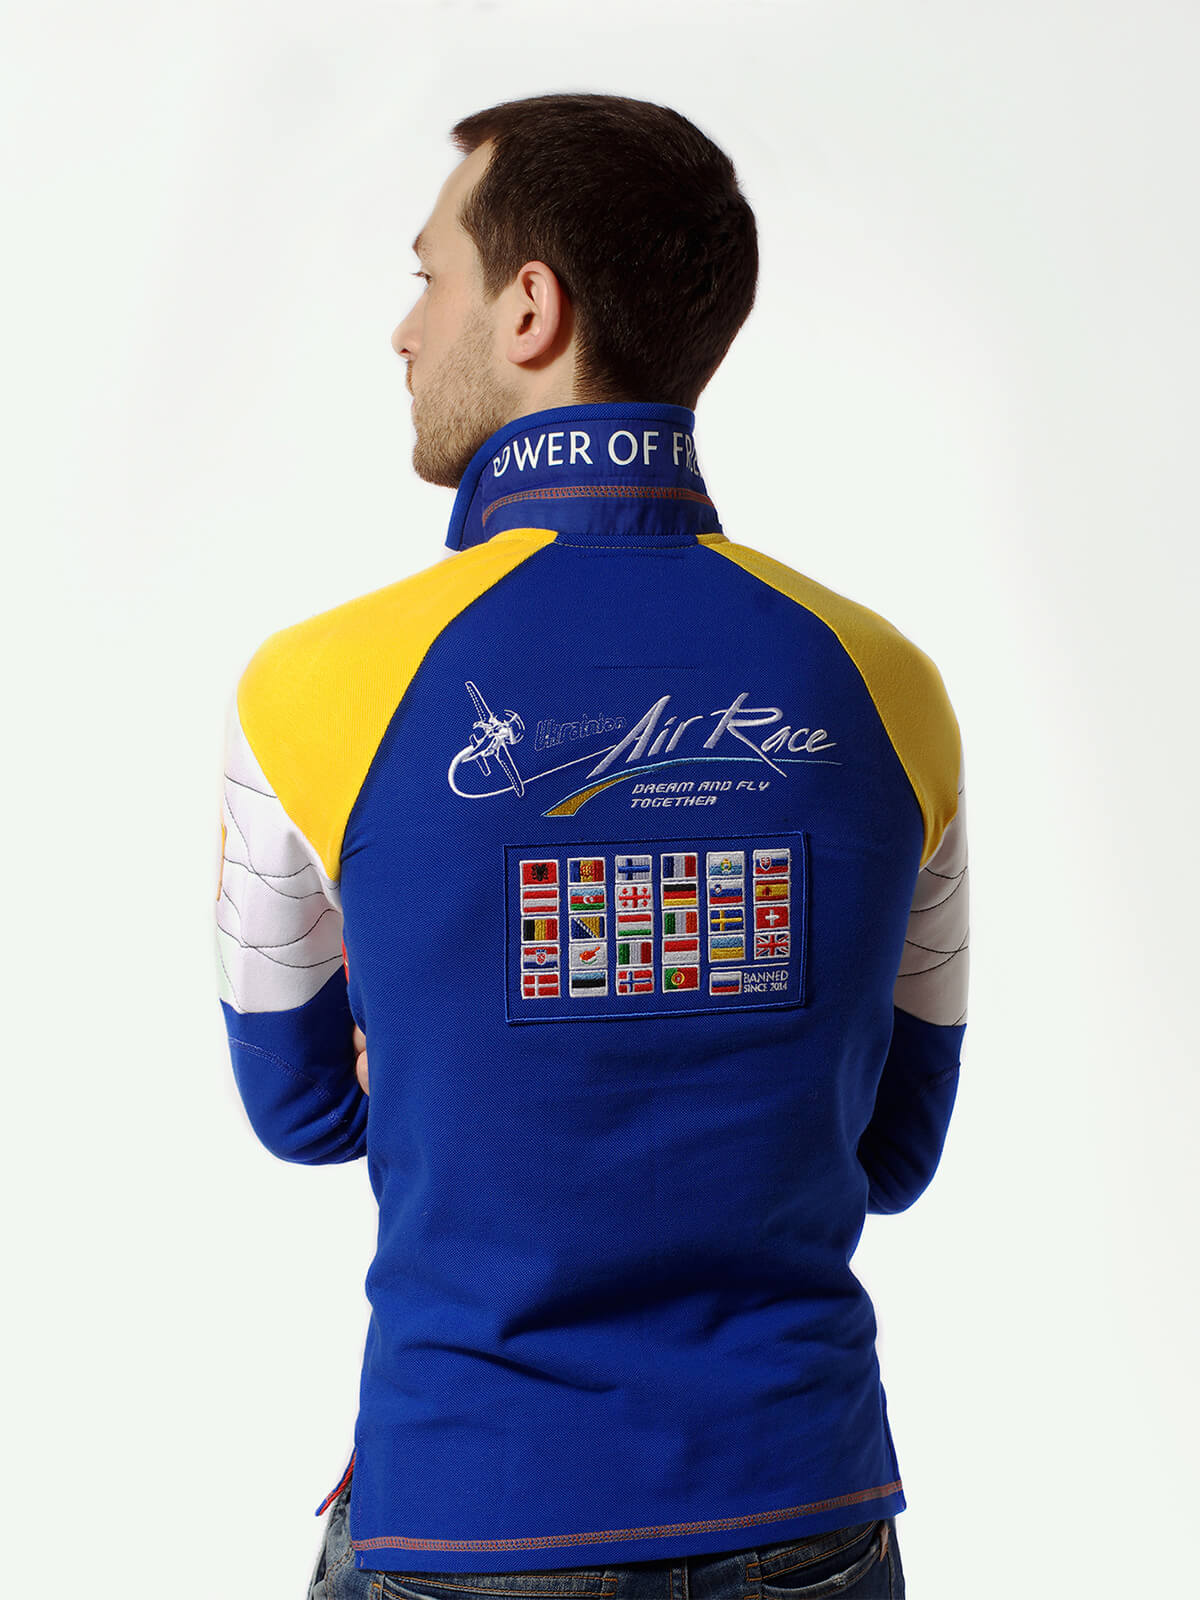 Чоловіче Поло-Лонґ Air Race Kyiv Реглан. Колір синій.  100% бавовна  Відтінки кольорів на вашому екрані можуть відрізнятися від кольору оригіналу.